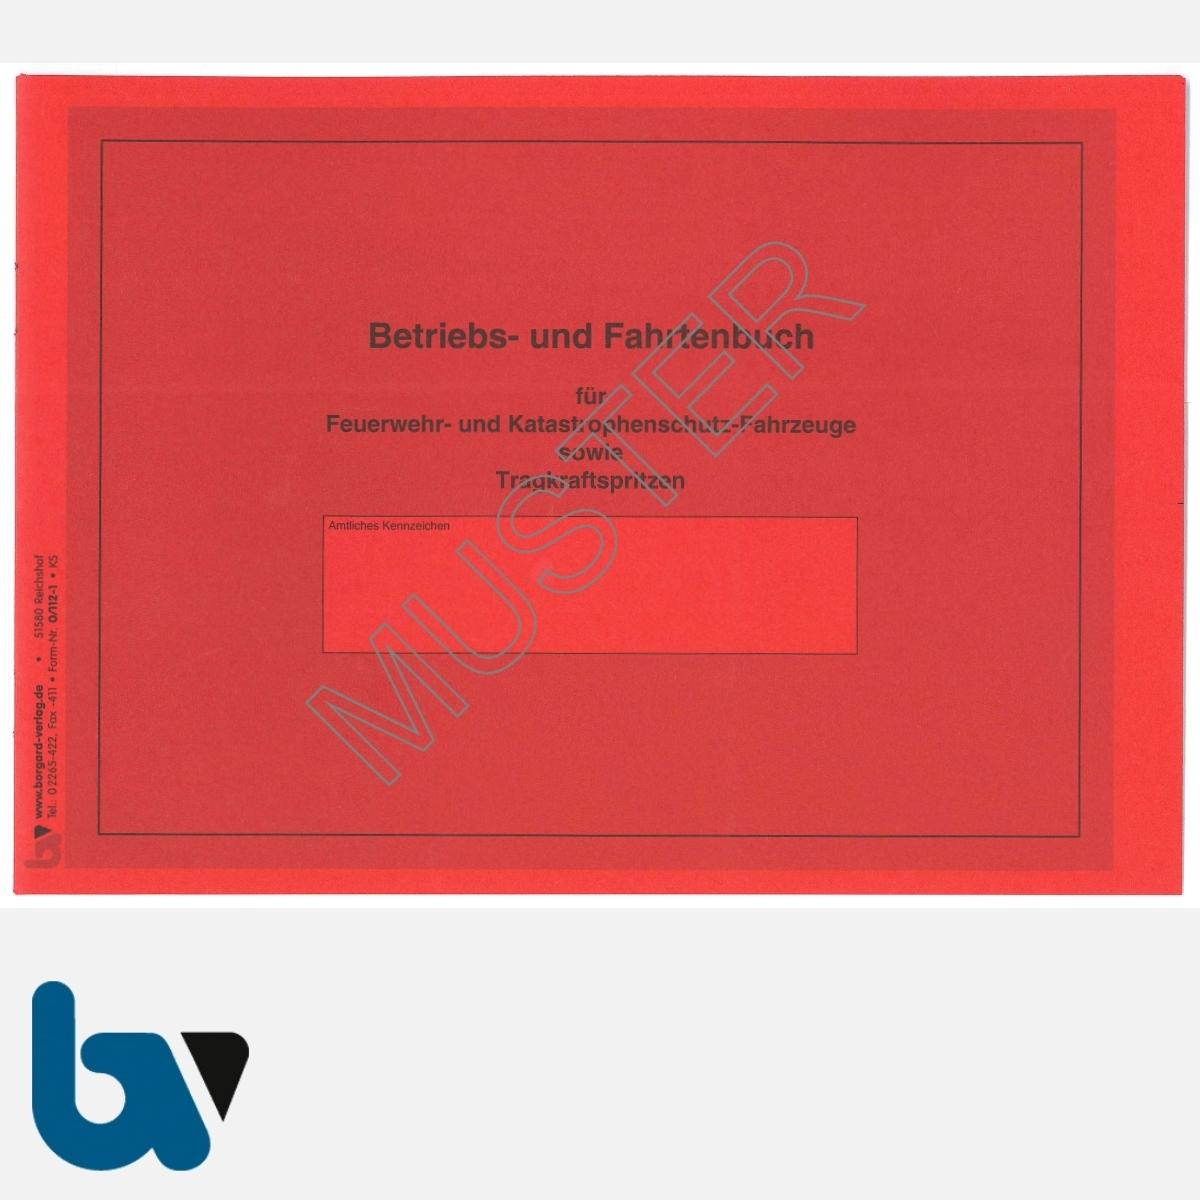 0/112-1 Fahrtenbuch Betriebsbuch Feuerwehr Katastrophenschutz Fahrzeuge Verwaltung Behörde DIN A5 Seite 1 | Borgard Verlag GmbH